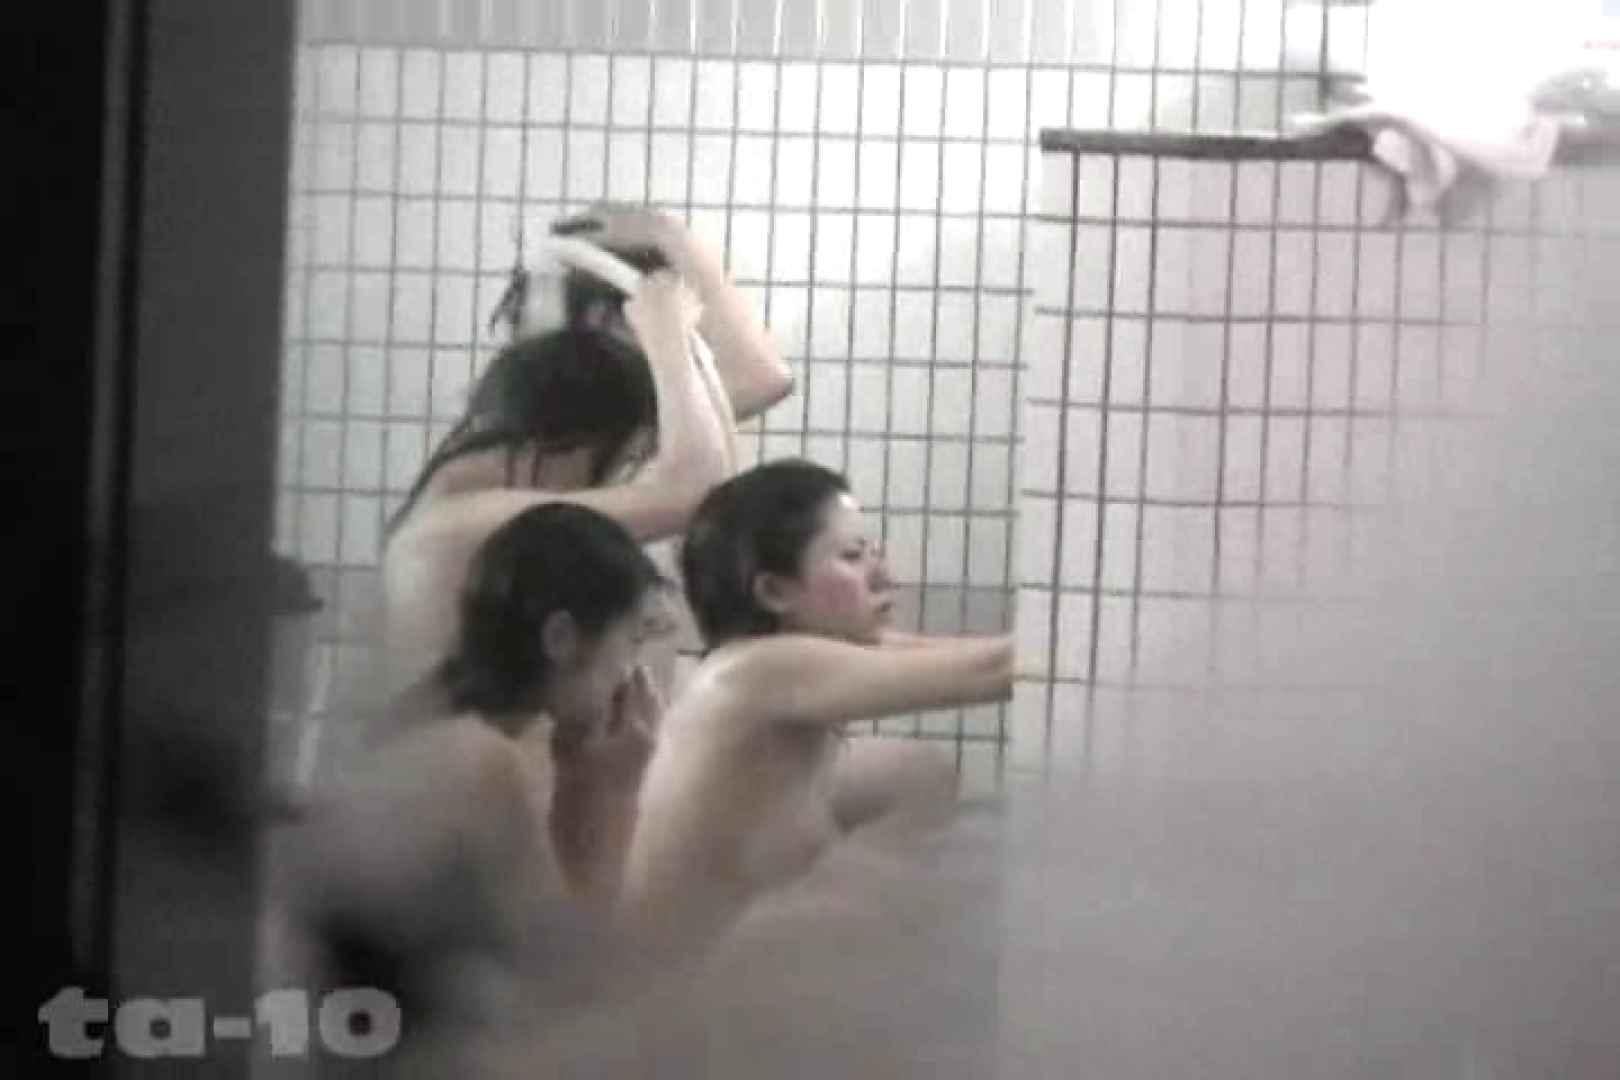 合宿ホテル女風呂盗撮高画質版 Vol.10 盗撮で悶絶 おまんこ動画流出 58画像 18